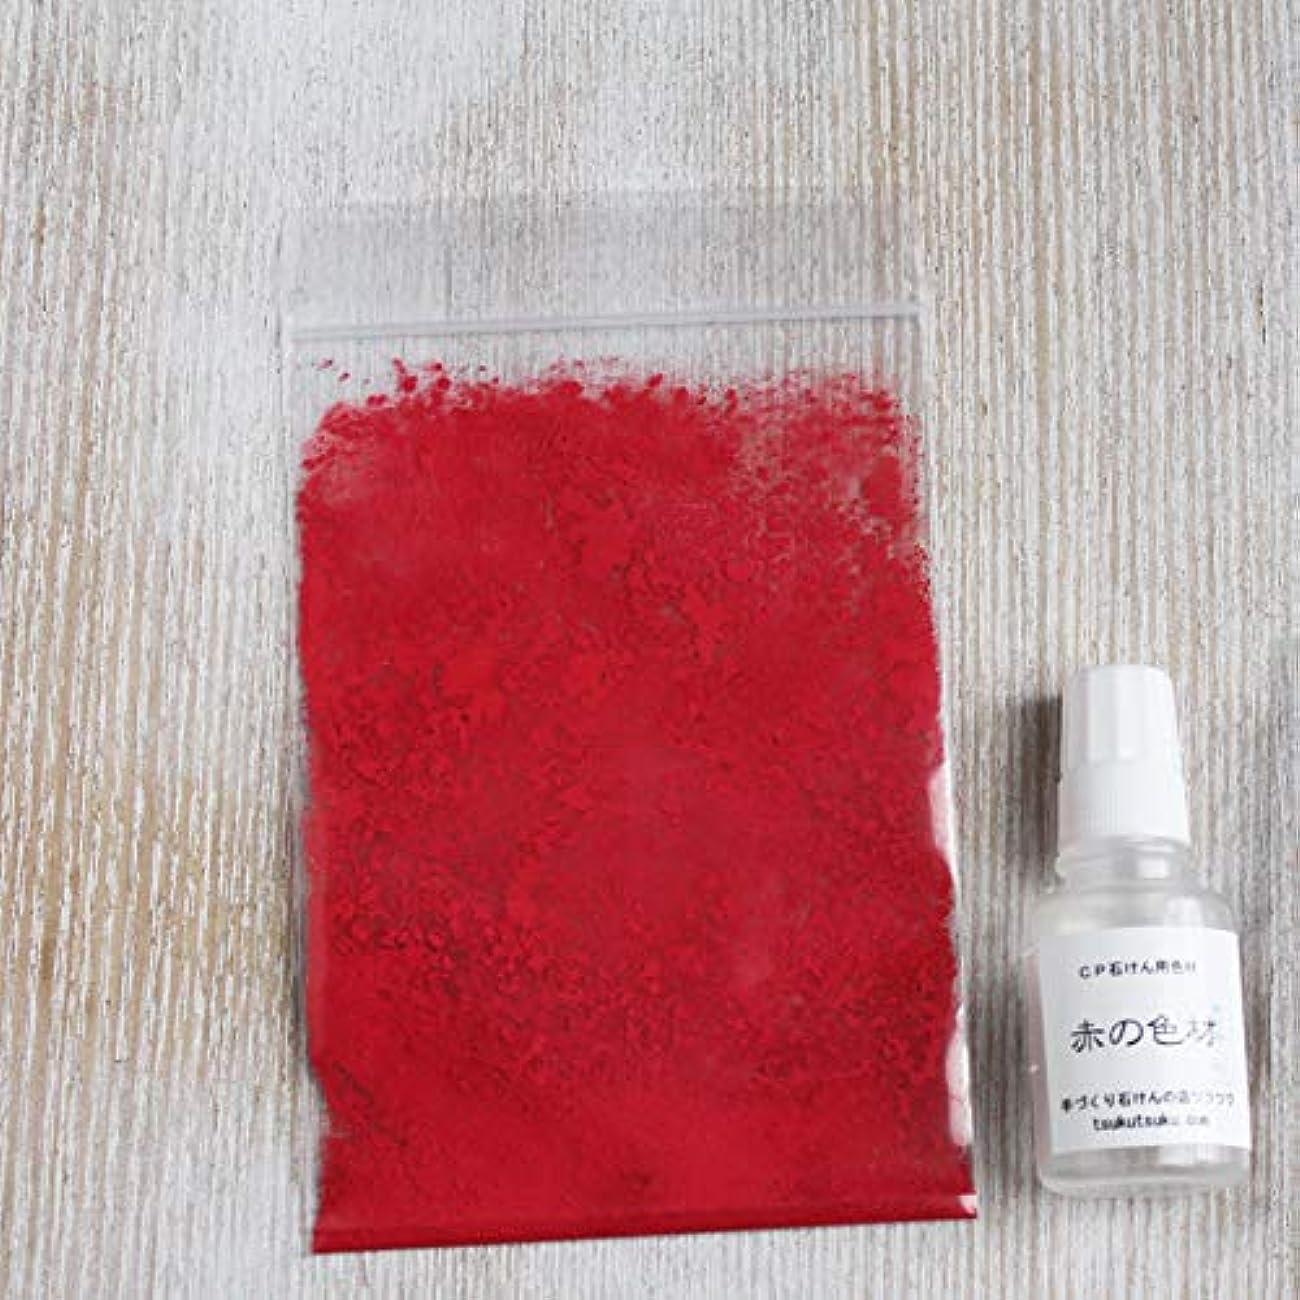 白内障マイルストーン賃金CP石けん用色材 赤の色材キット/手作り石けん?手作り化粧品材料